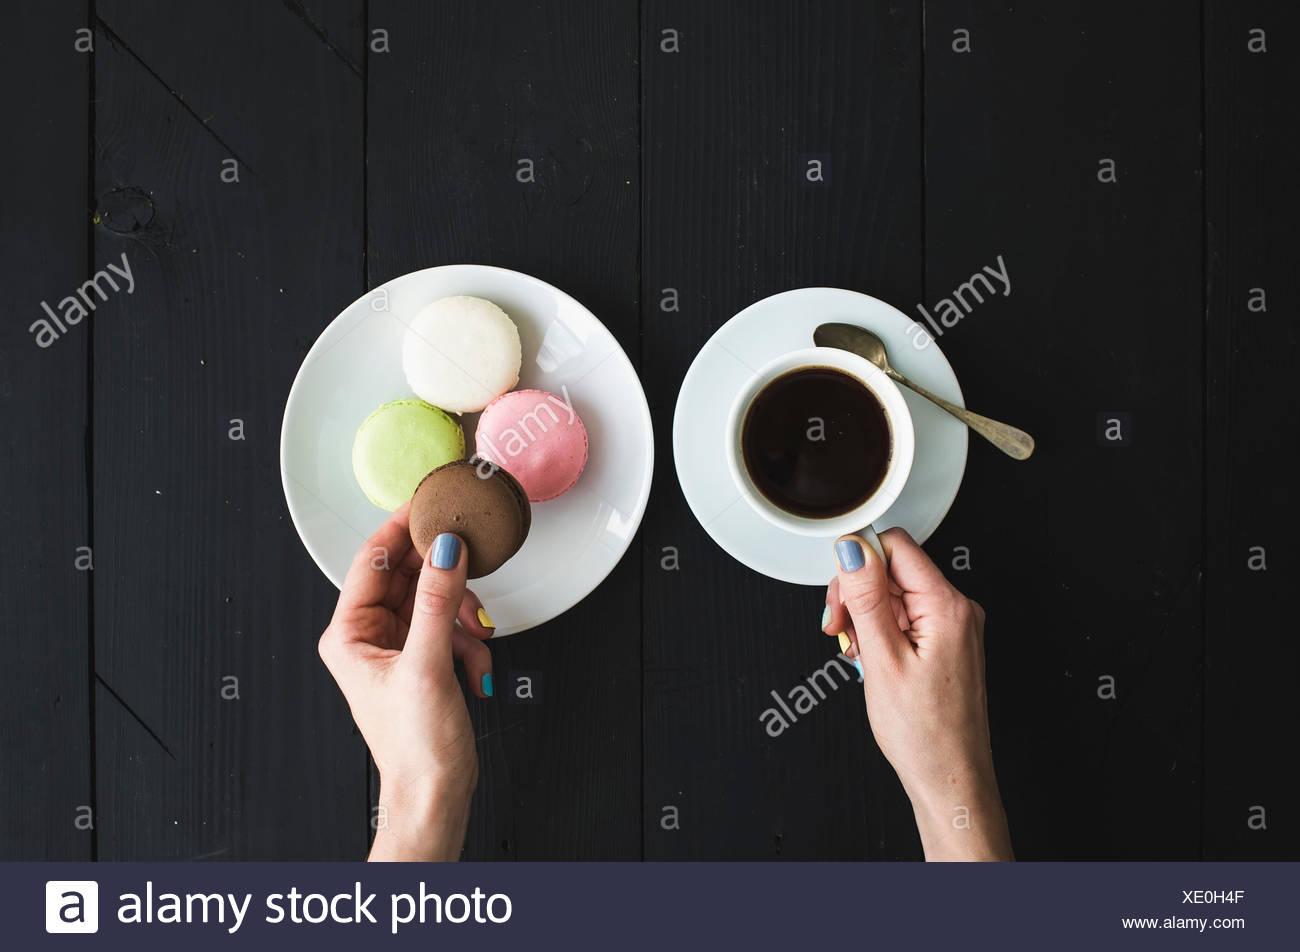 Macaron cookies, una tazza di caffè espresso e ladie mani di nero su uno sfondo di legno . Vista superiore Immagini Stock